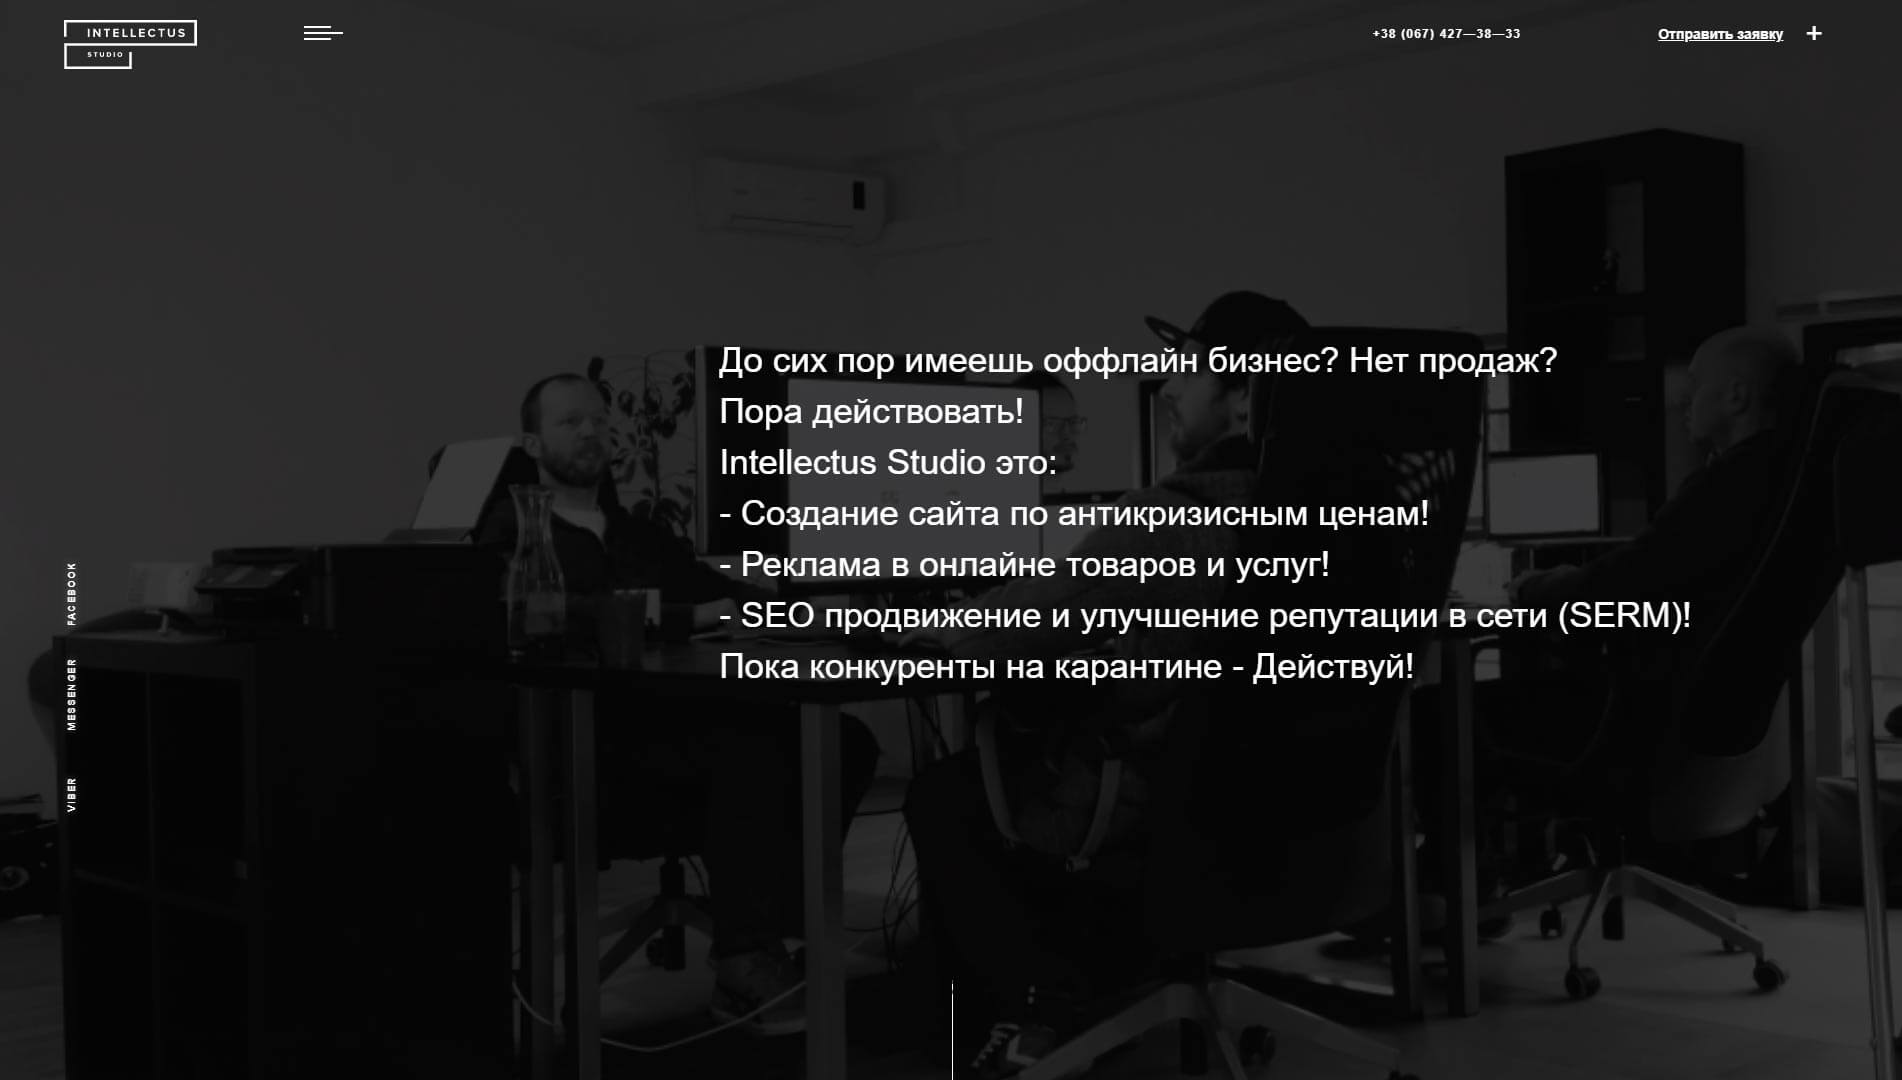 Intellectus - обзор компании, услуги, отзывы, клиенты, Фото № 1 - google-seo.pro